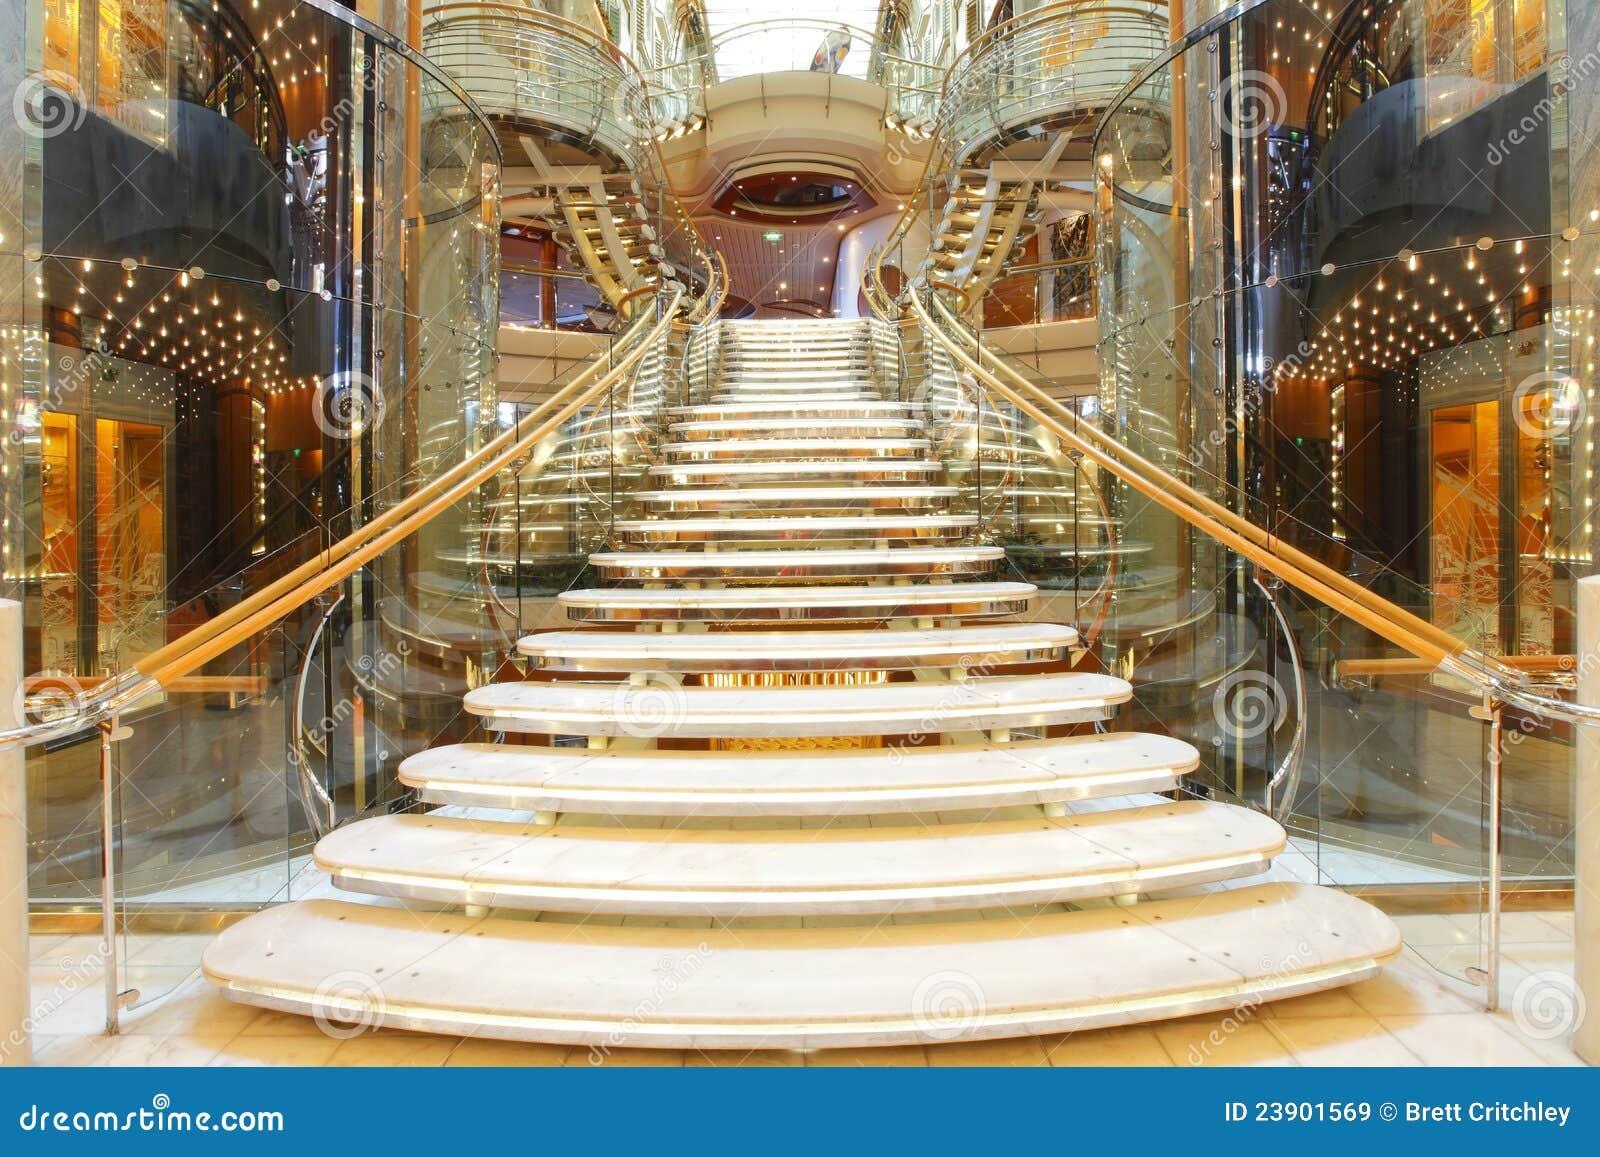 escalier de luxe images libres de droits image 23901569. Black Bedroom Furniture Sets. Home Design Ideas